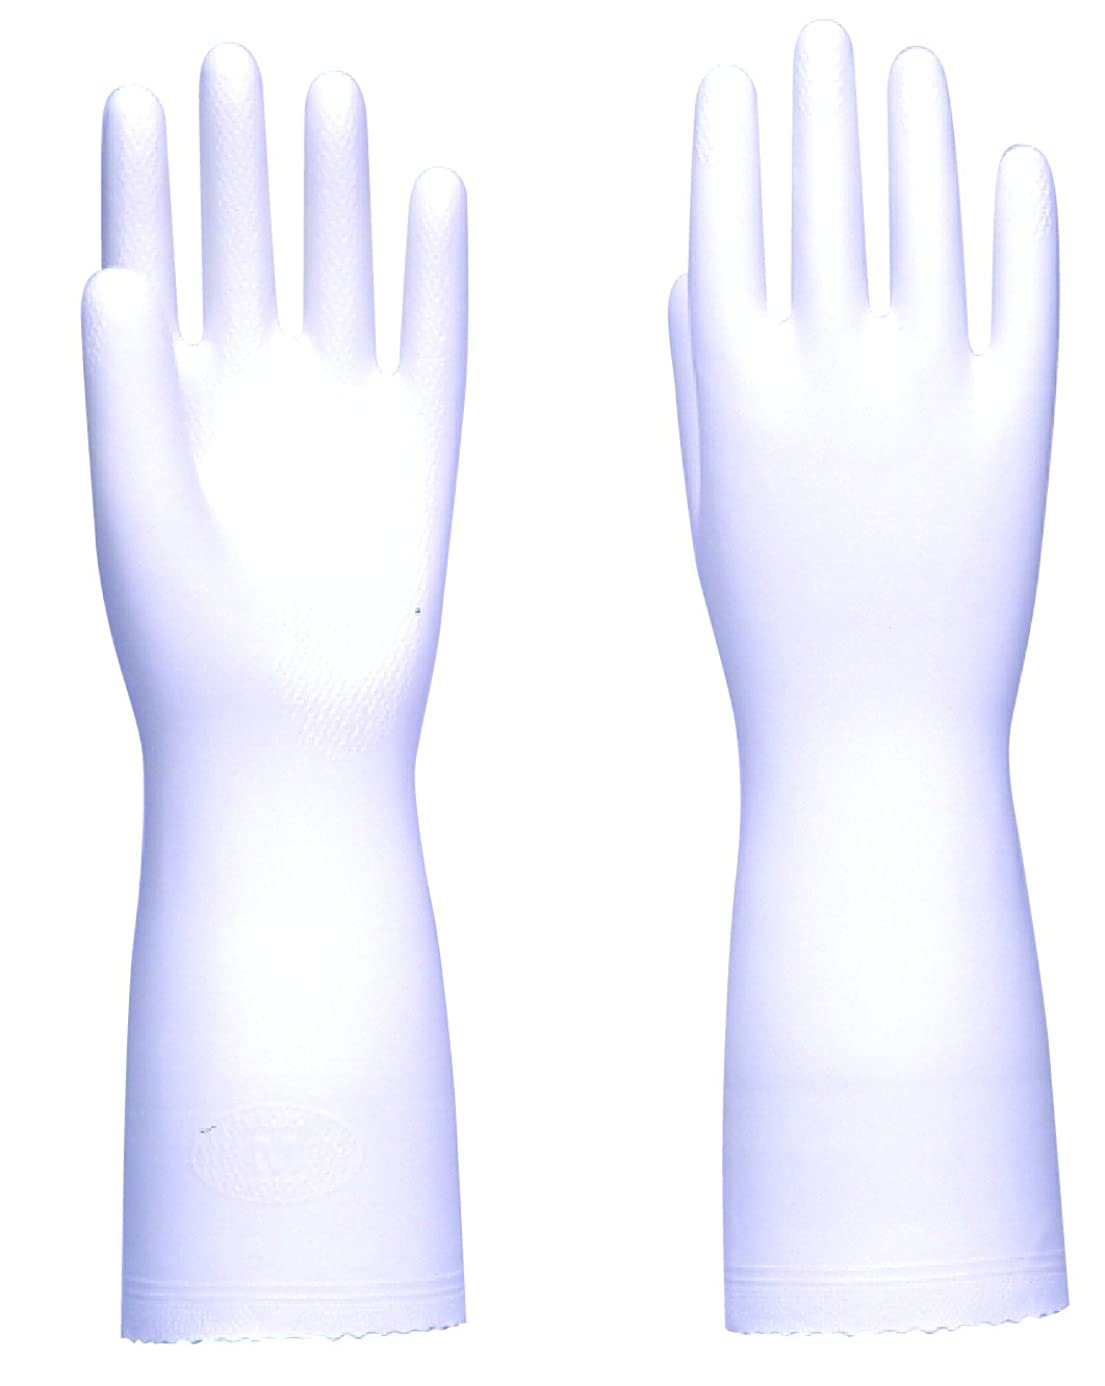 ぼろ民間ゴシップ東和コーポレーション 《掃除用手袋》 ソフトエース ホワイト Mサイズ No.758